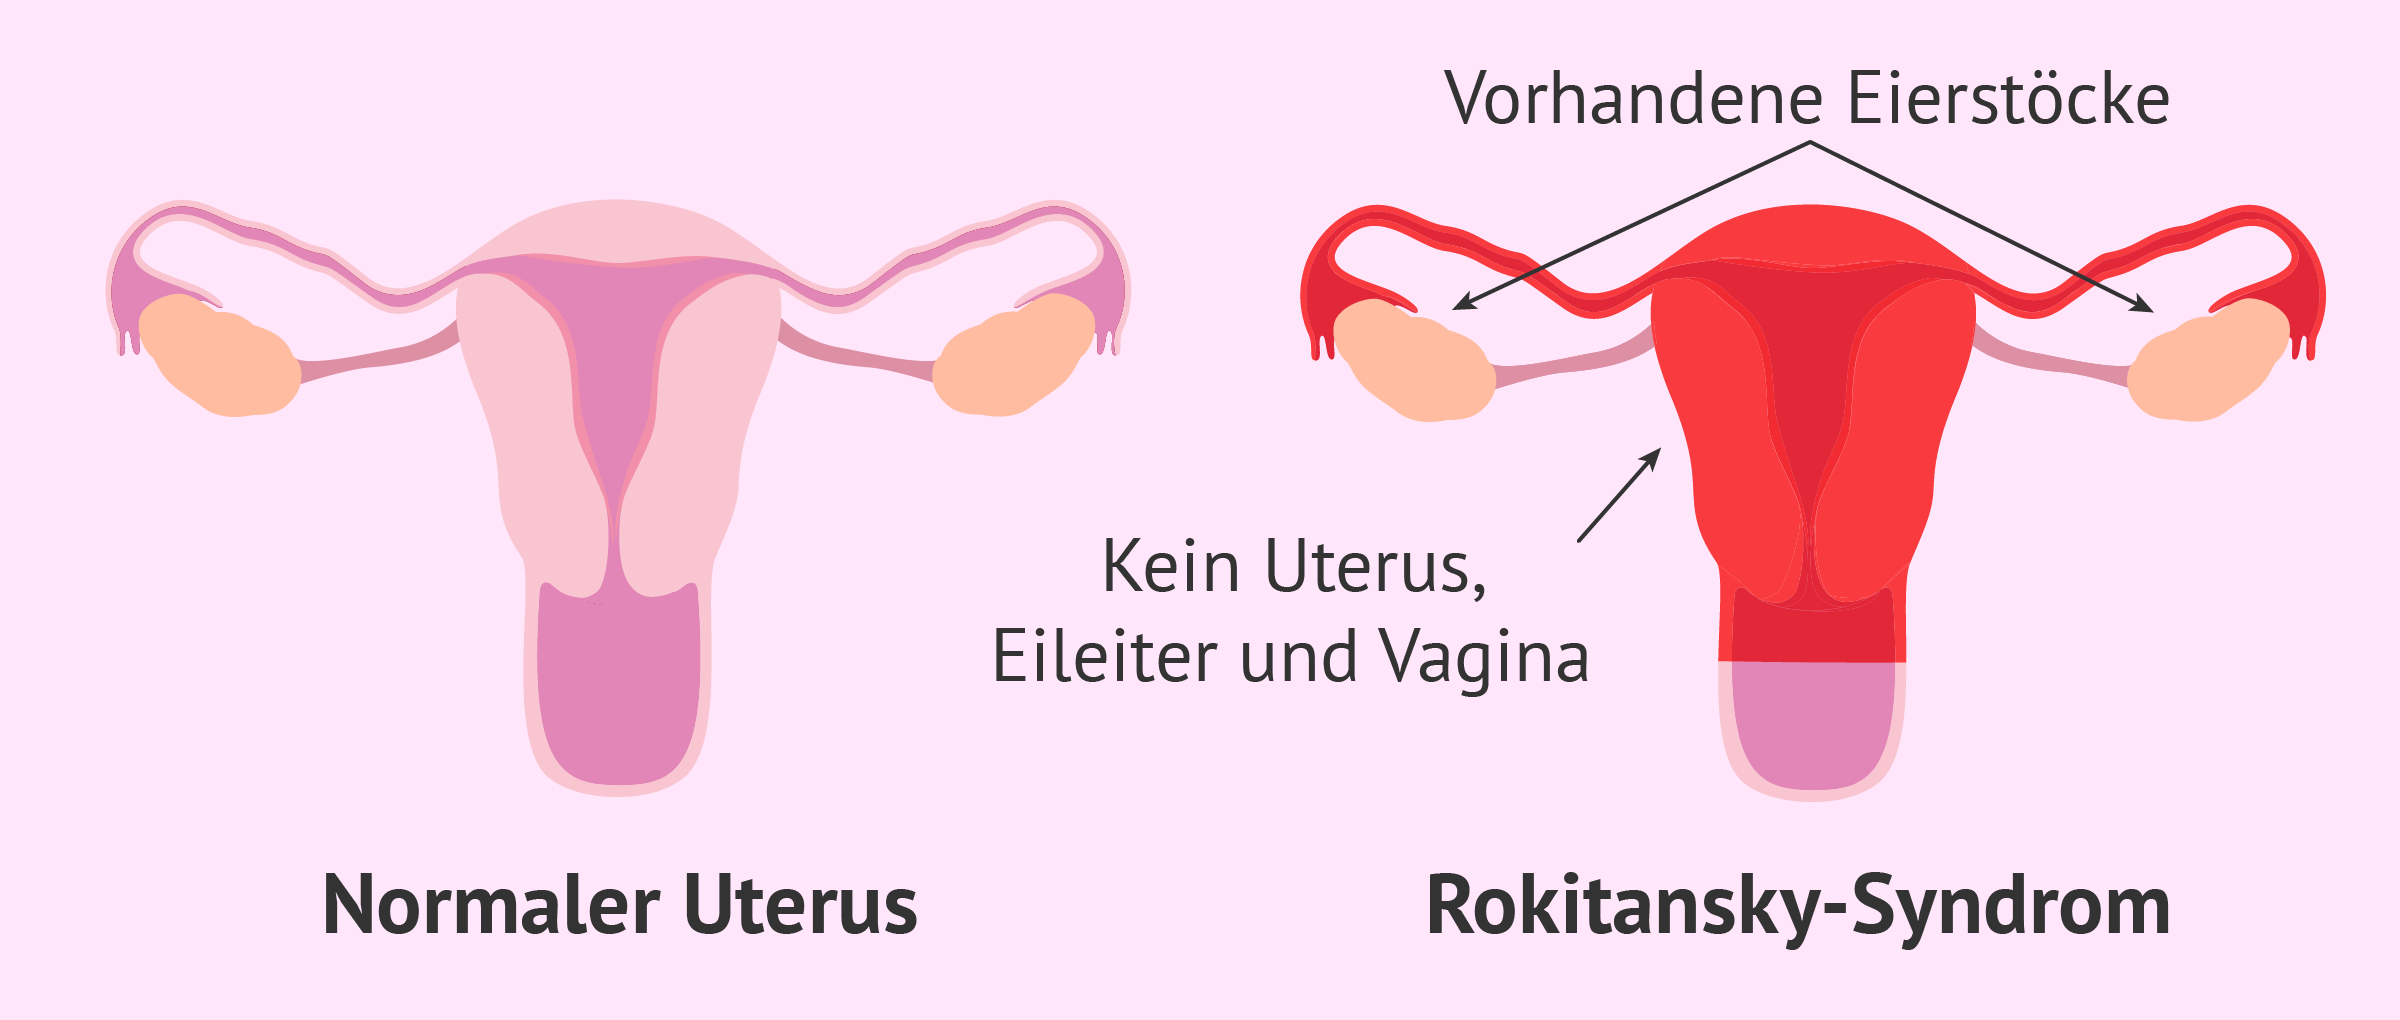 Fehlende Vagina, Gebärmutter und Eileiter